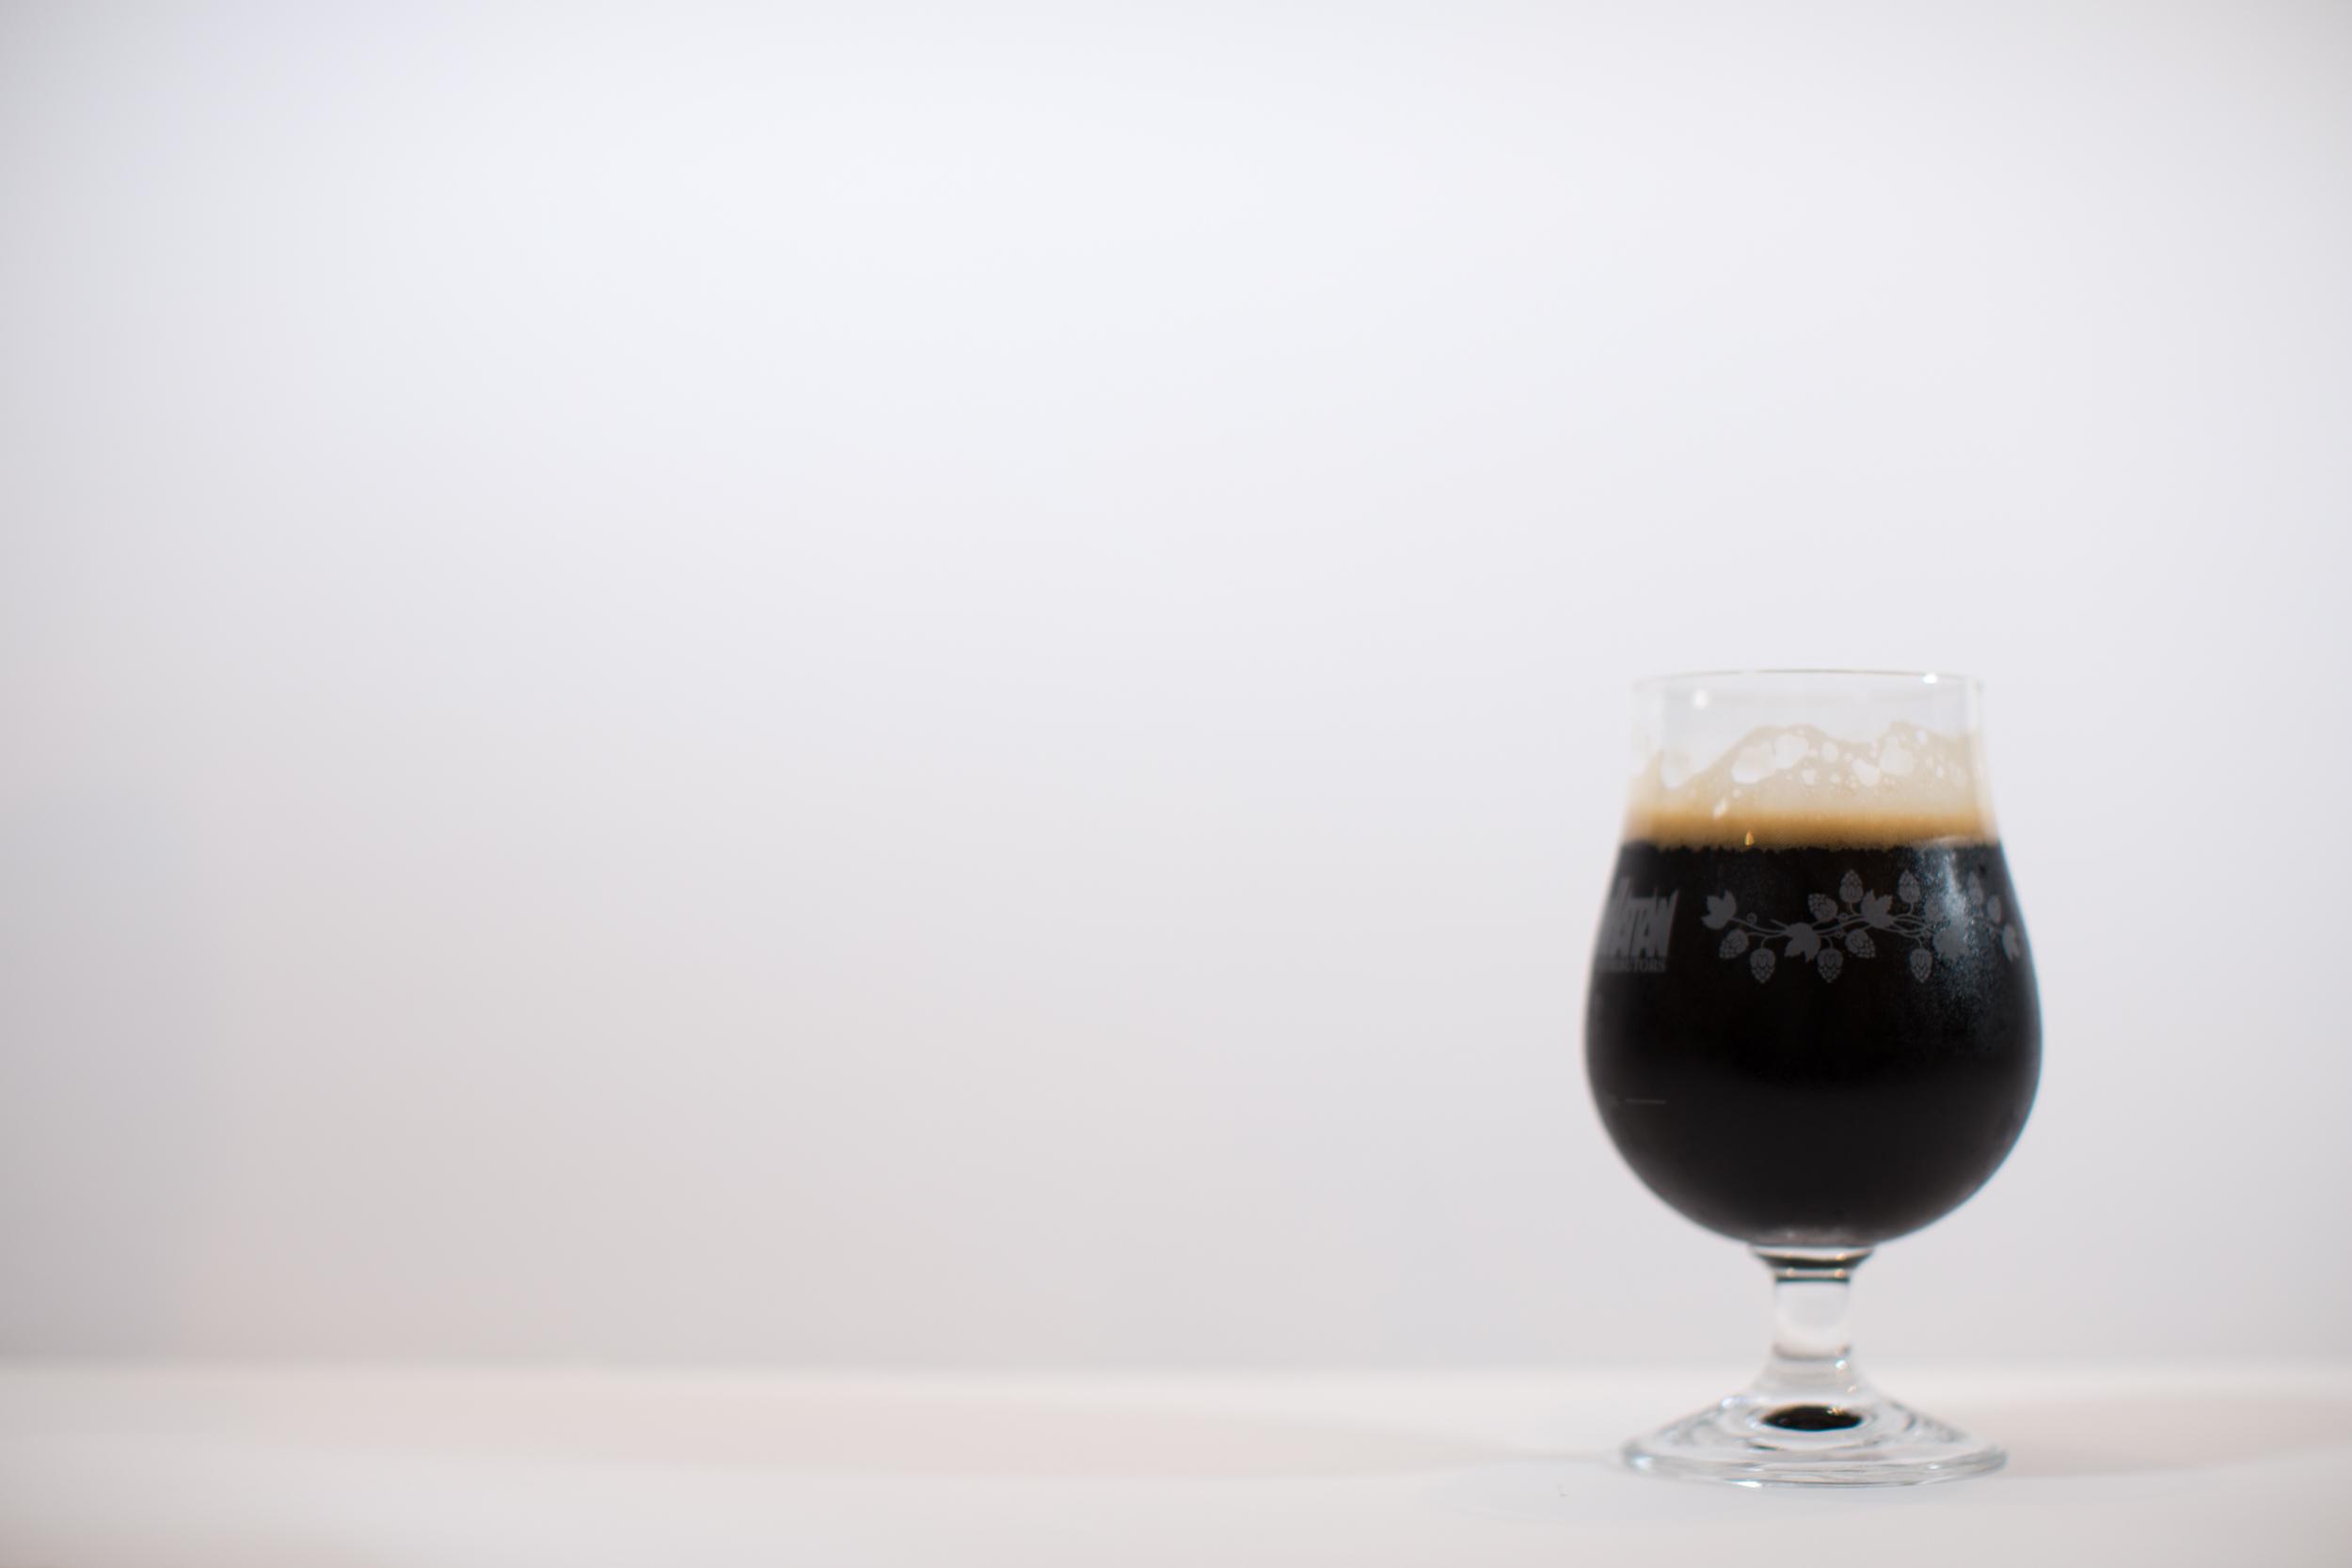 Beer Photos (1 of 7).jpg